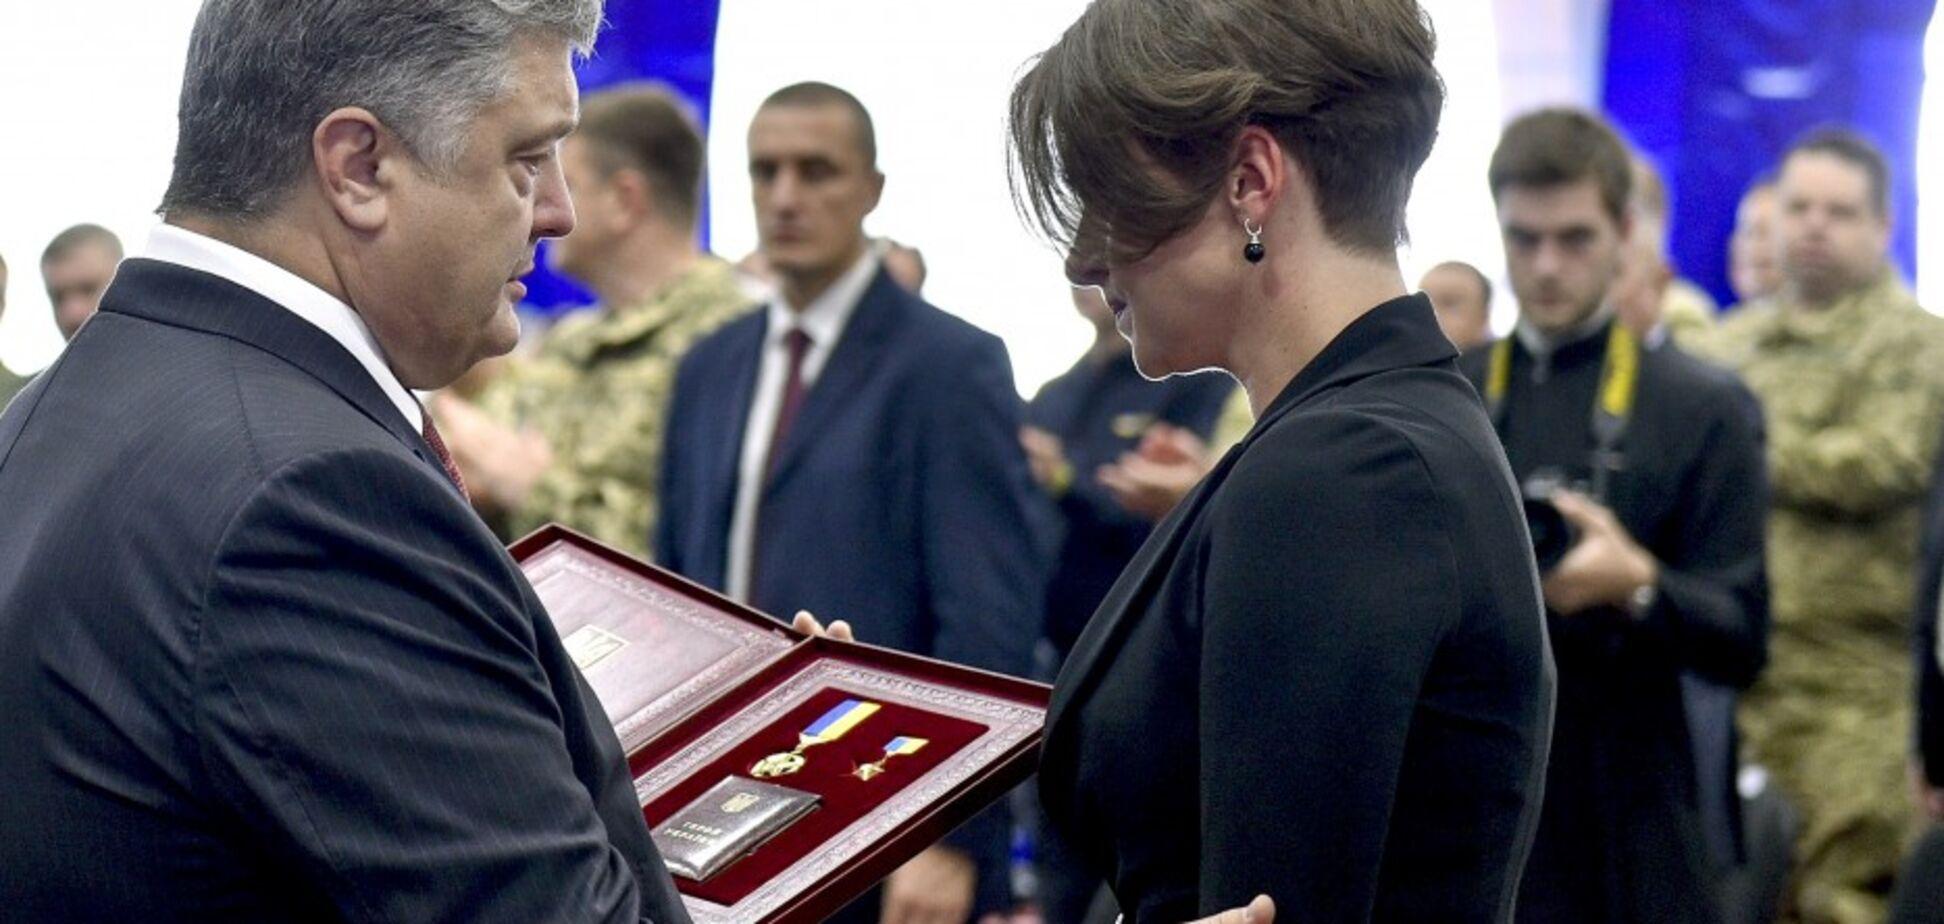 Порошенко вручив вдові виконавця унікальних спецоперацій в тилу окупантів його 'Золоту зірку'